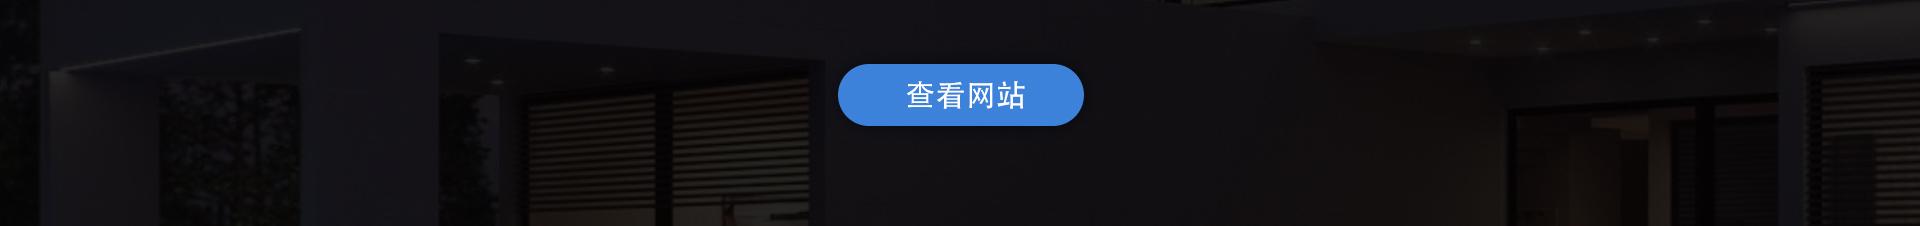 李梦-李梦-本华科技_02